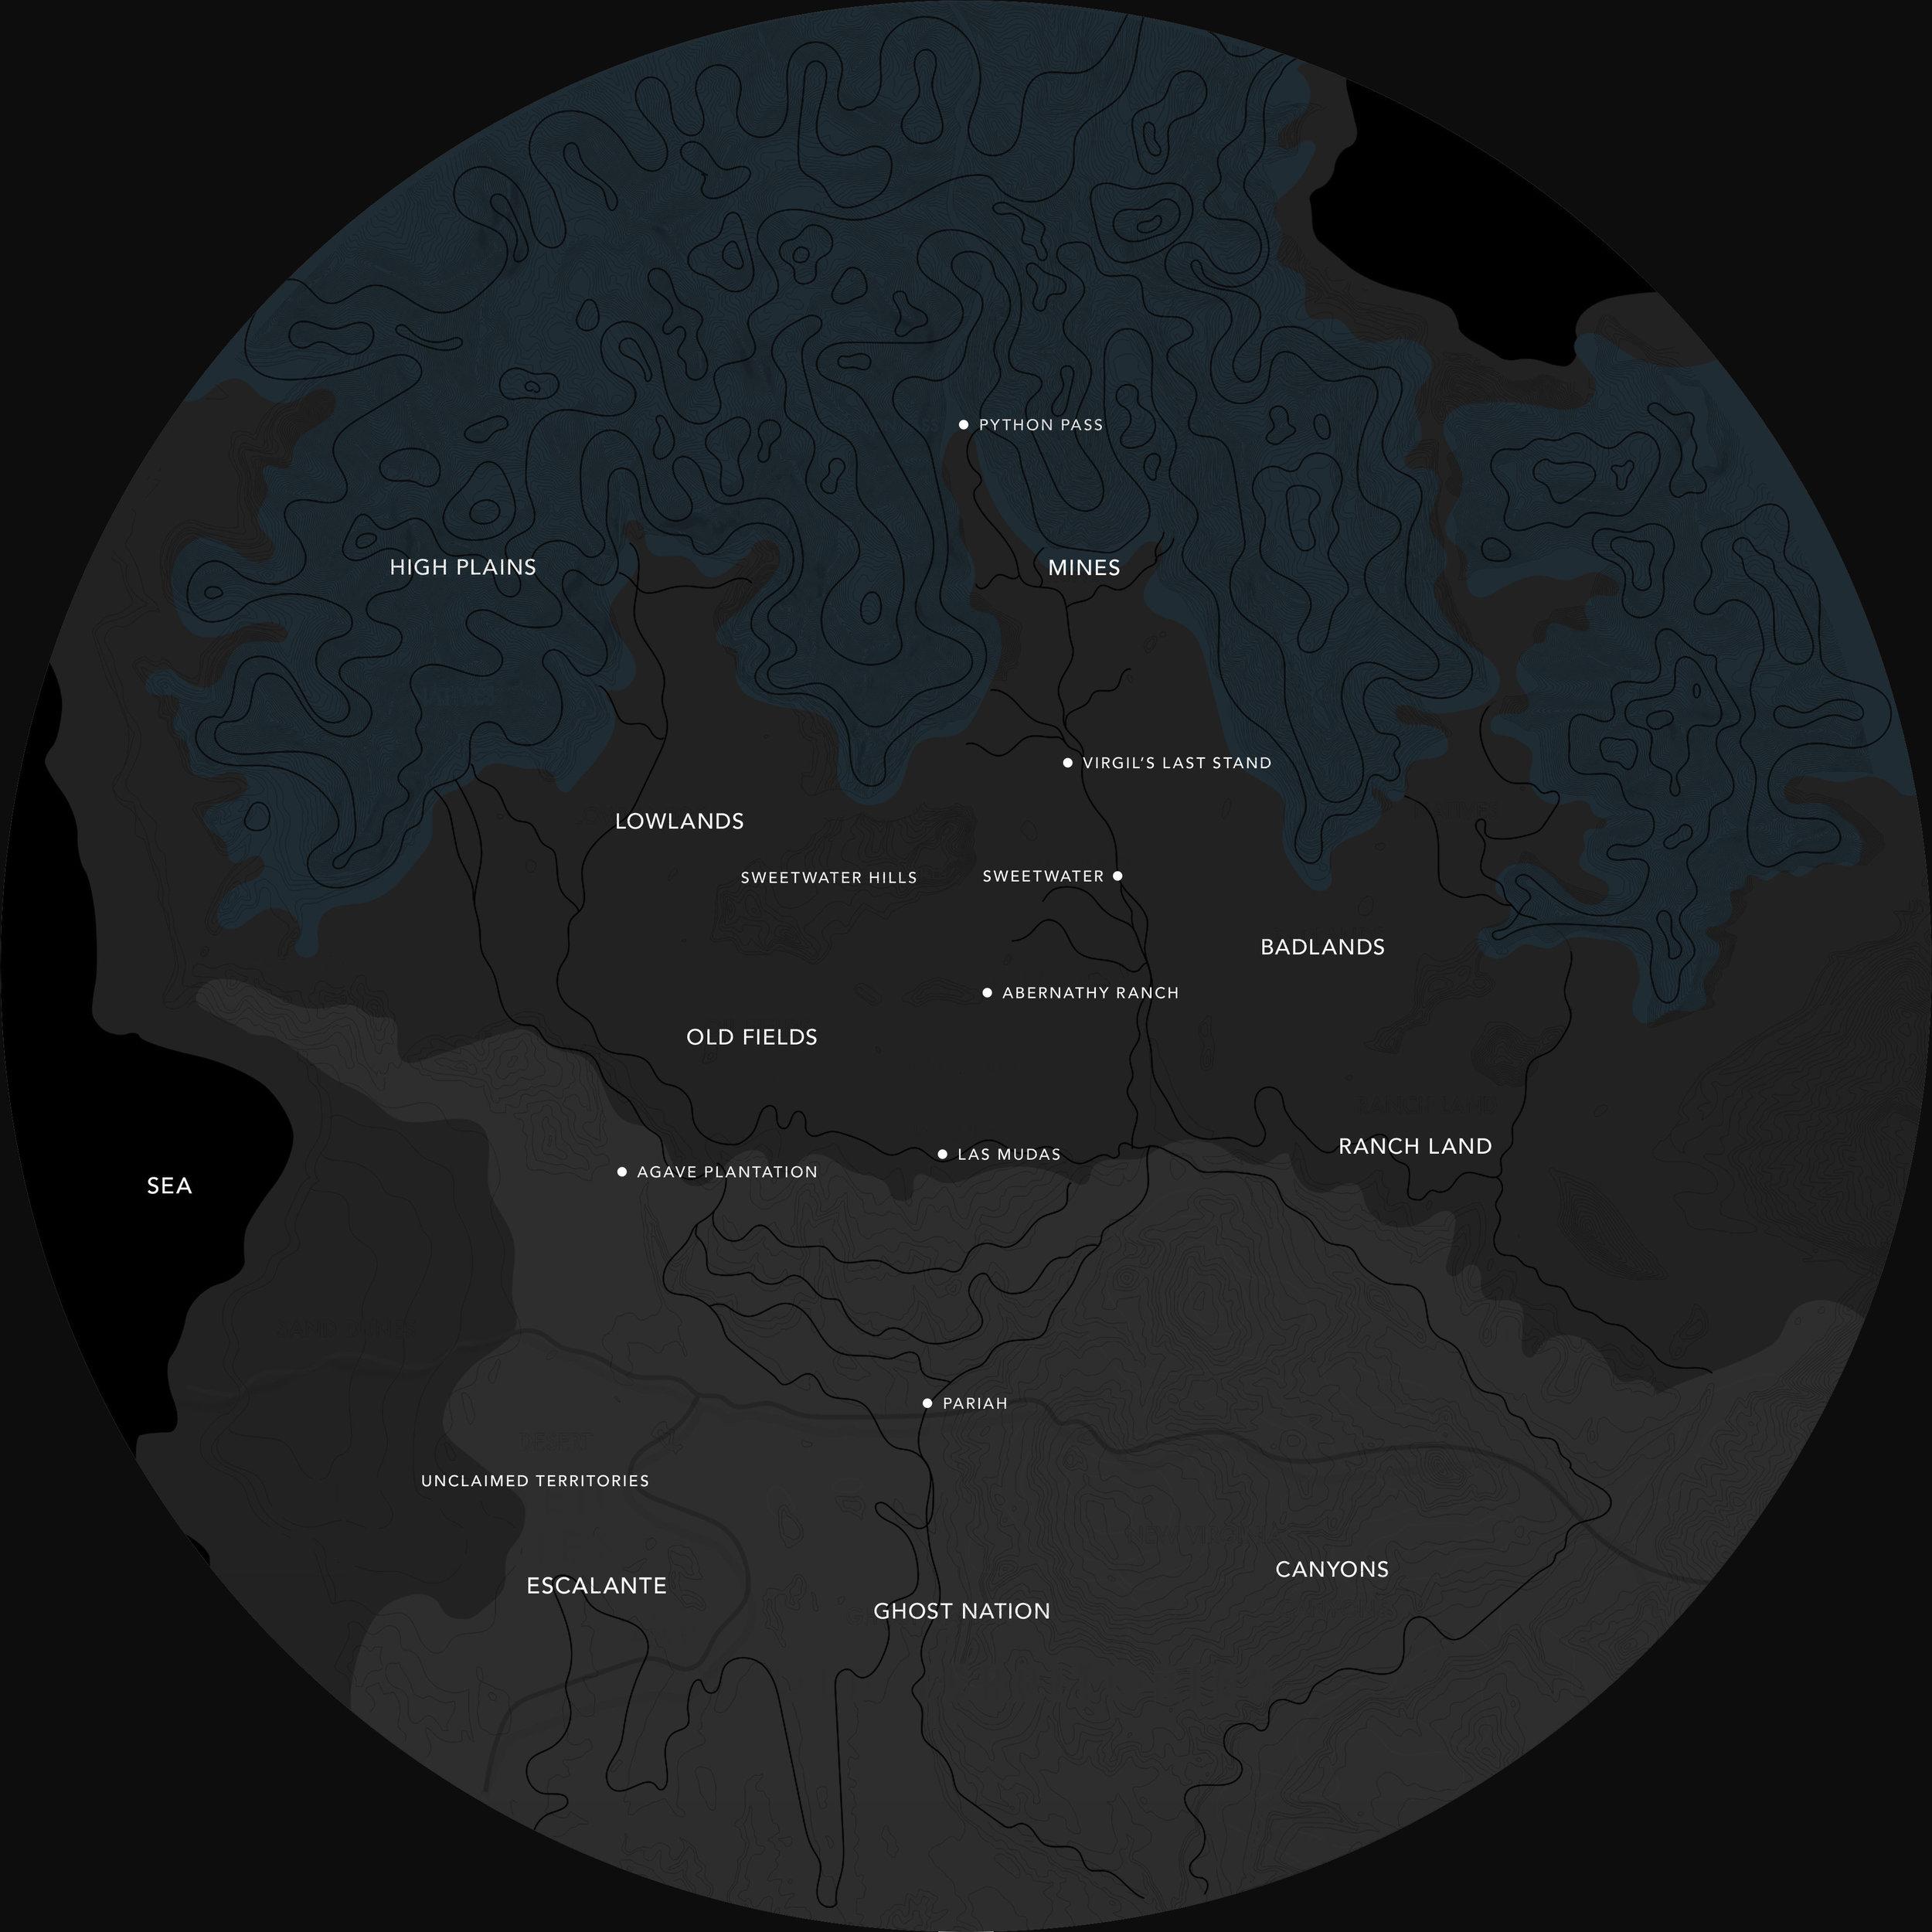 WW_MAP_06_OVERLAY_FULL_v02_02.jpg